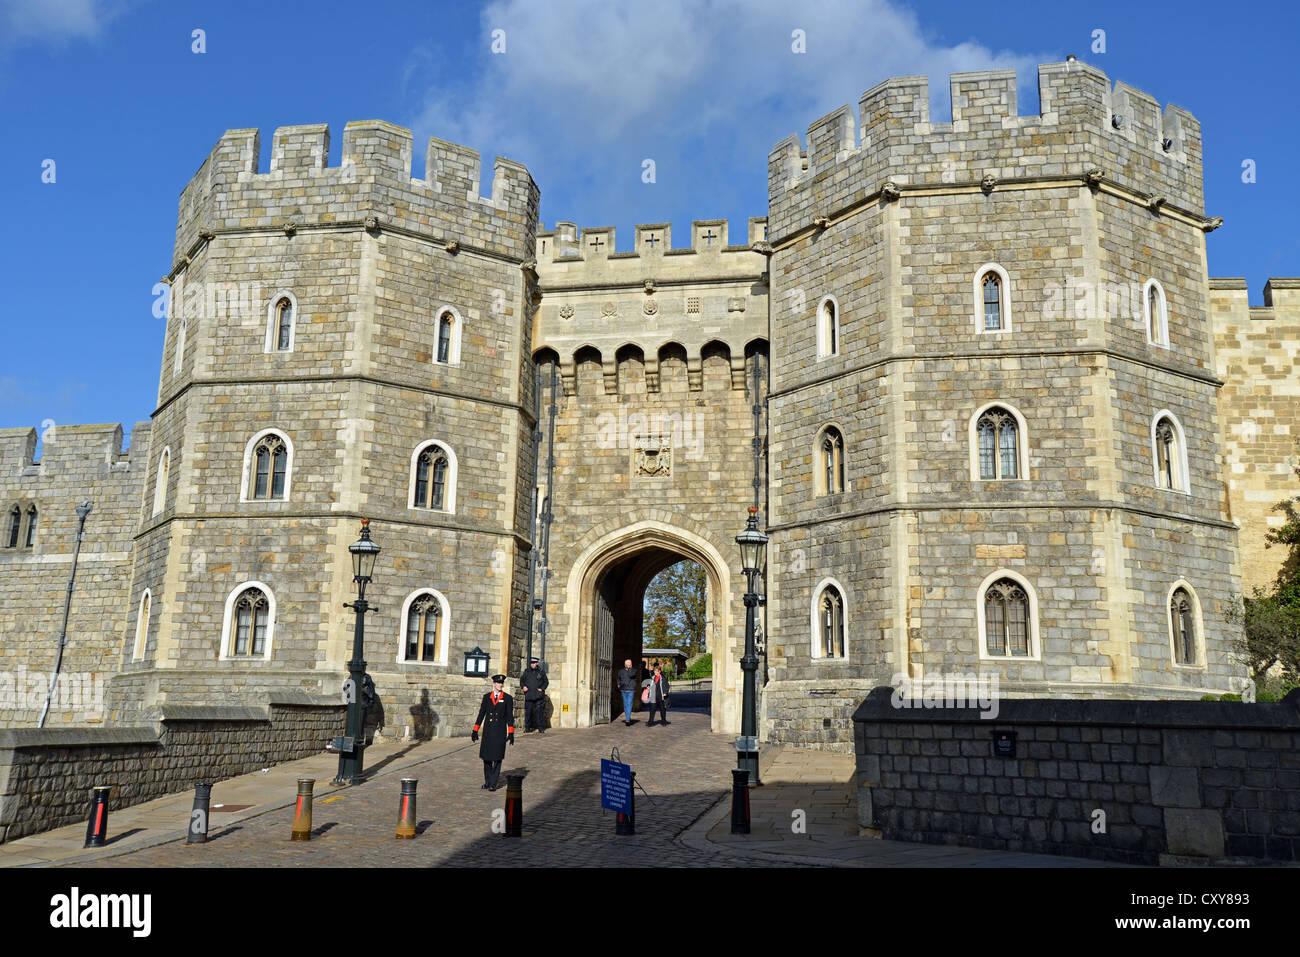 Henry VIII Gate, Windsor Castle, Castle Hill, Windsor, Berkshire ...